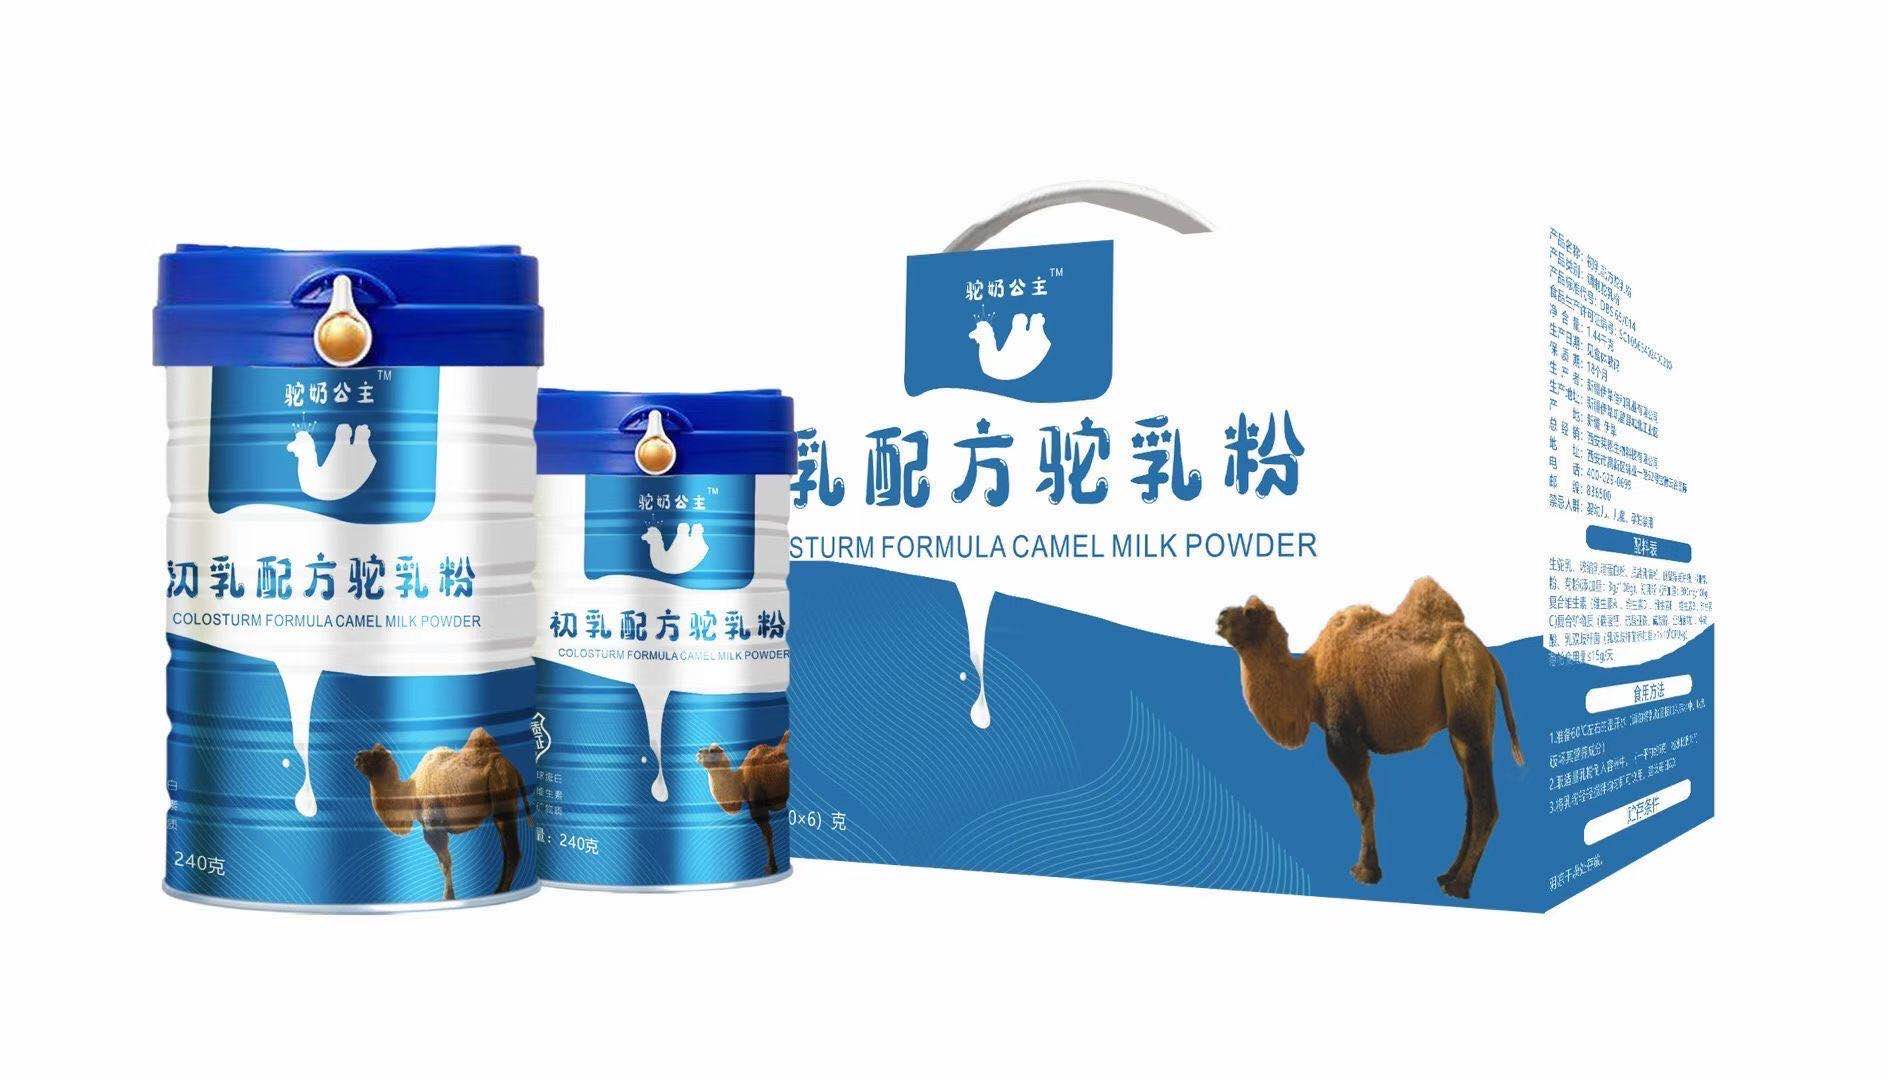 清大九新疆原产初乳配方驼乳粉招商